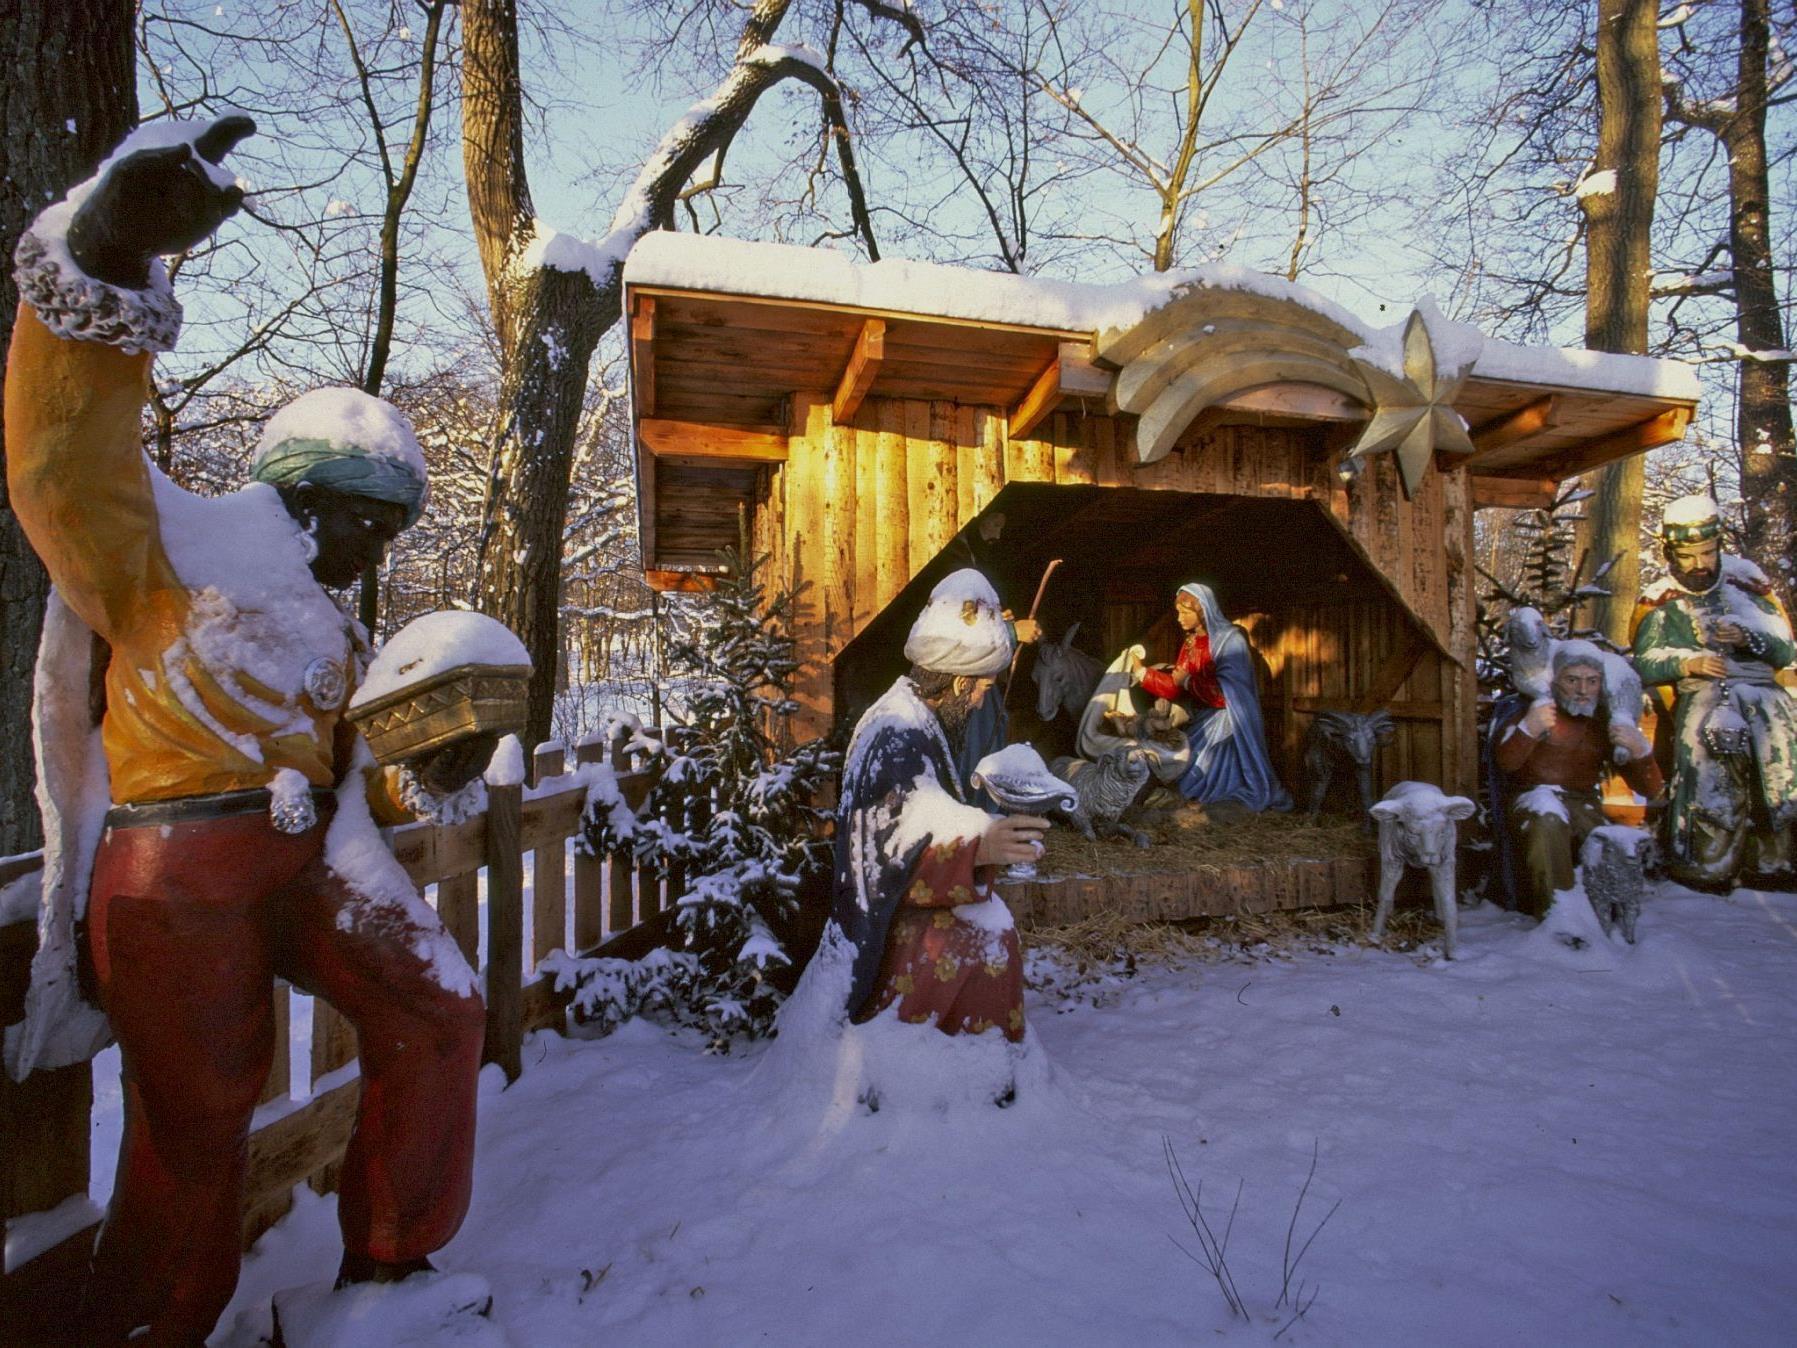 Winterliche Spaziergänge: Lainzer Tiergarten öffnet in den Weihnachtsferien die Tore